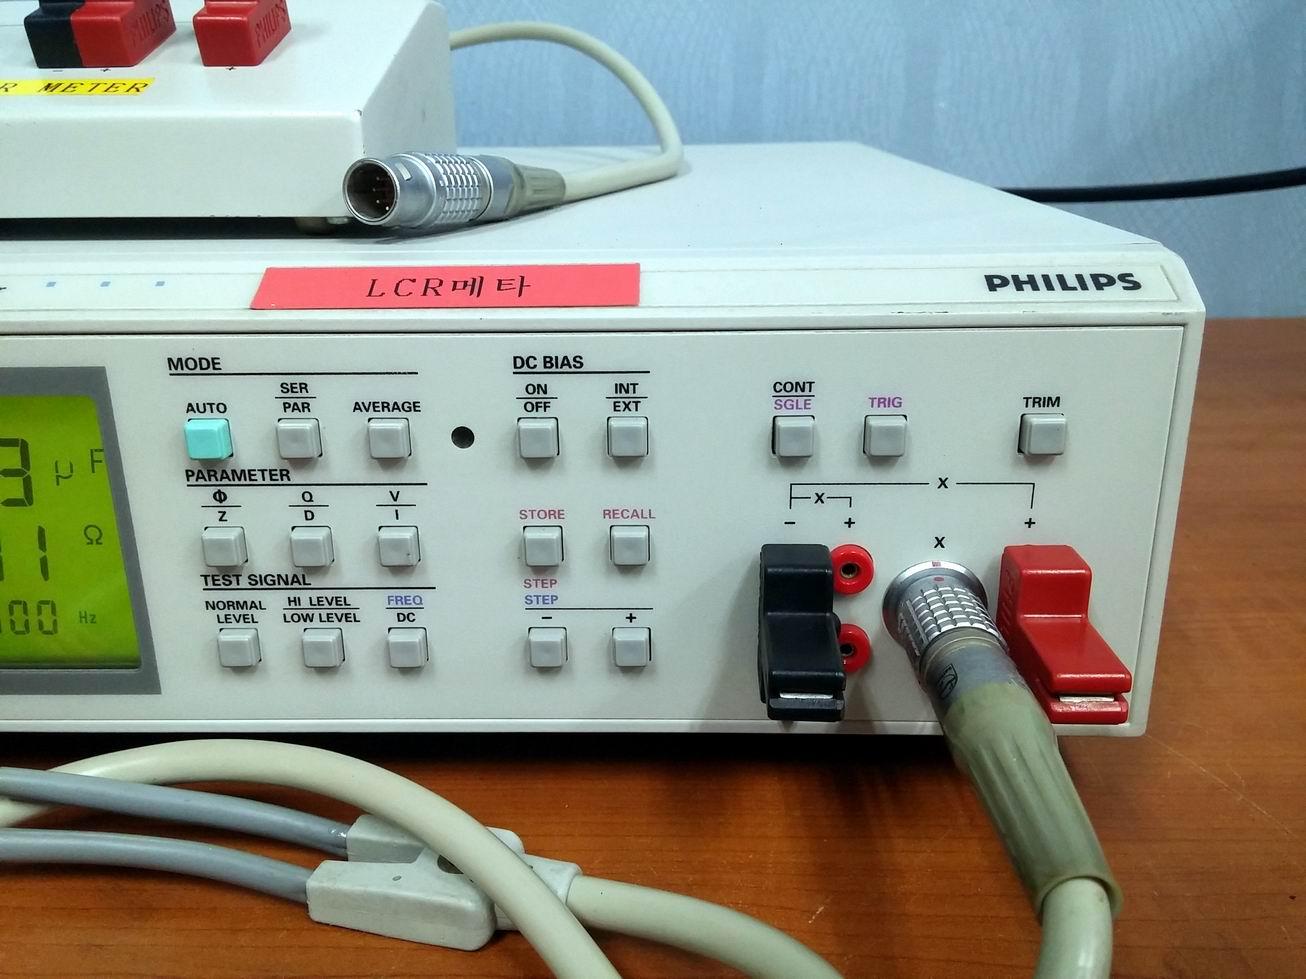 Fluke Lcr Meter : 계측기 장터 판매완료 fluke philips pm lcr meter